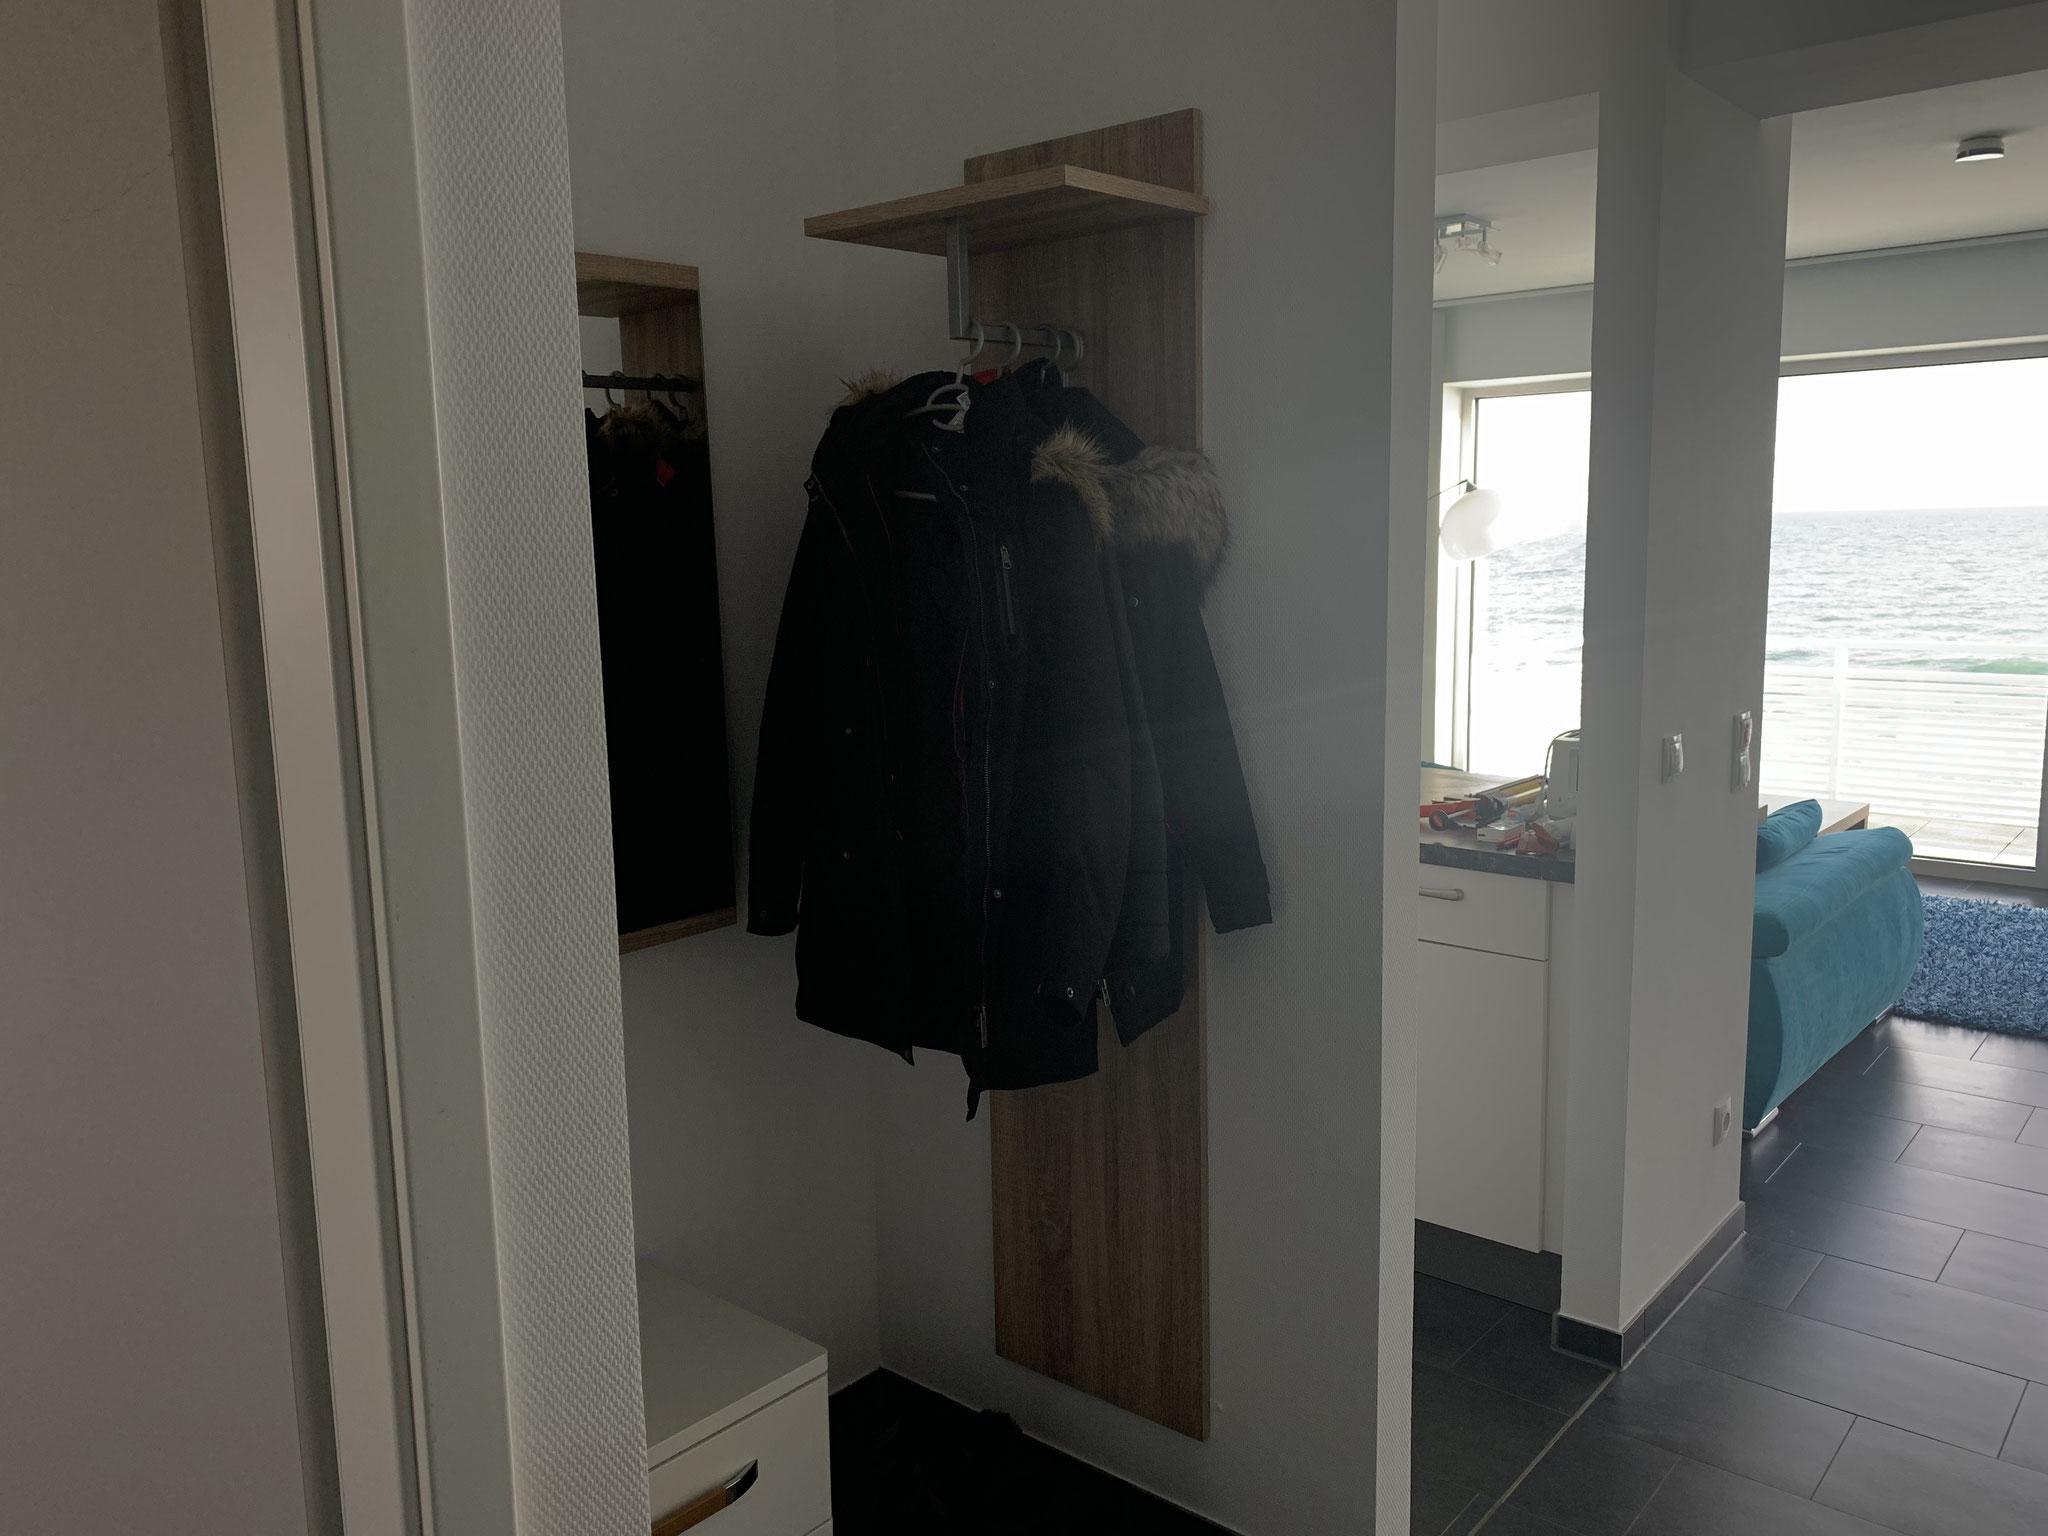 Platz für dicke Jacken